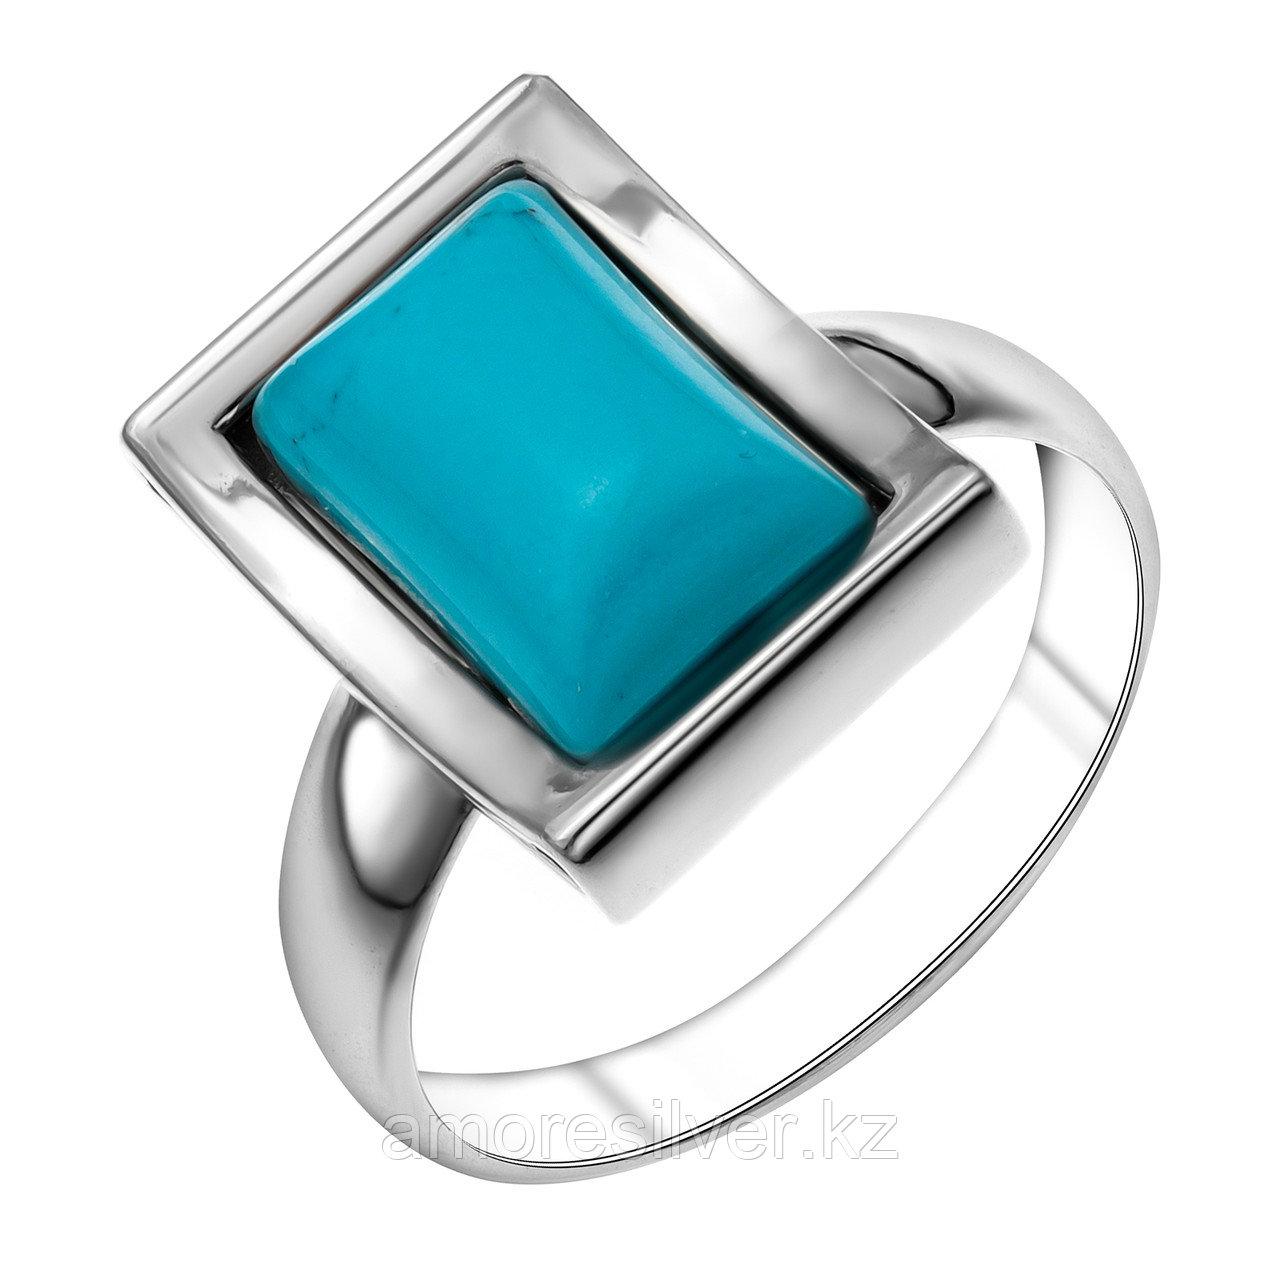 Кольцо Darvin серебро с родием, бирюза синт., прямоугольник 920071404aa размеры - 18